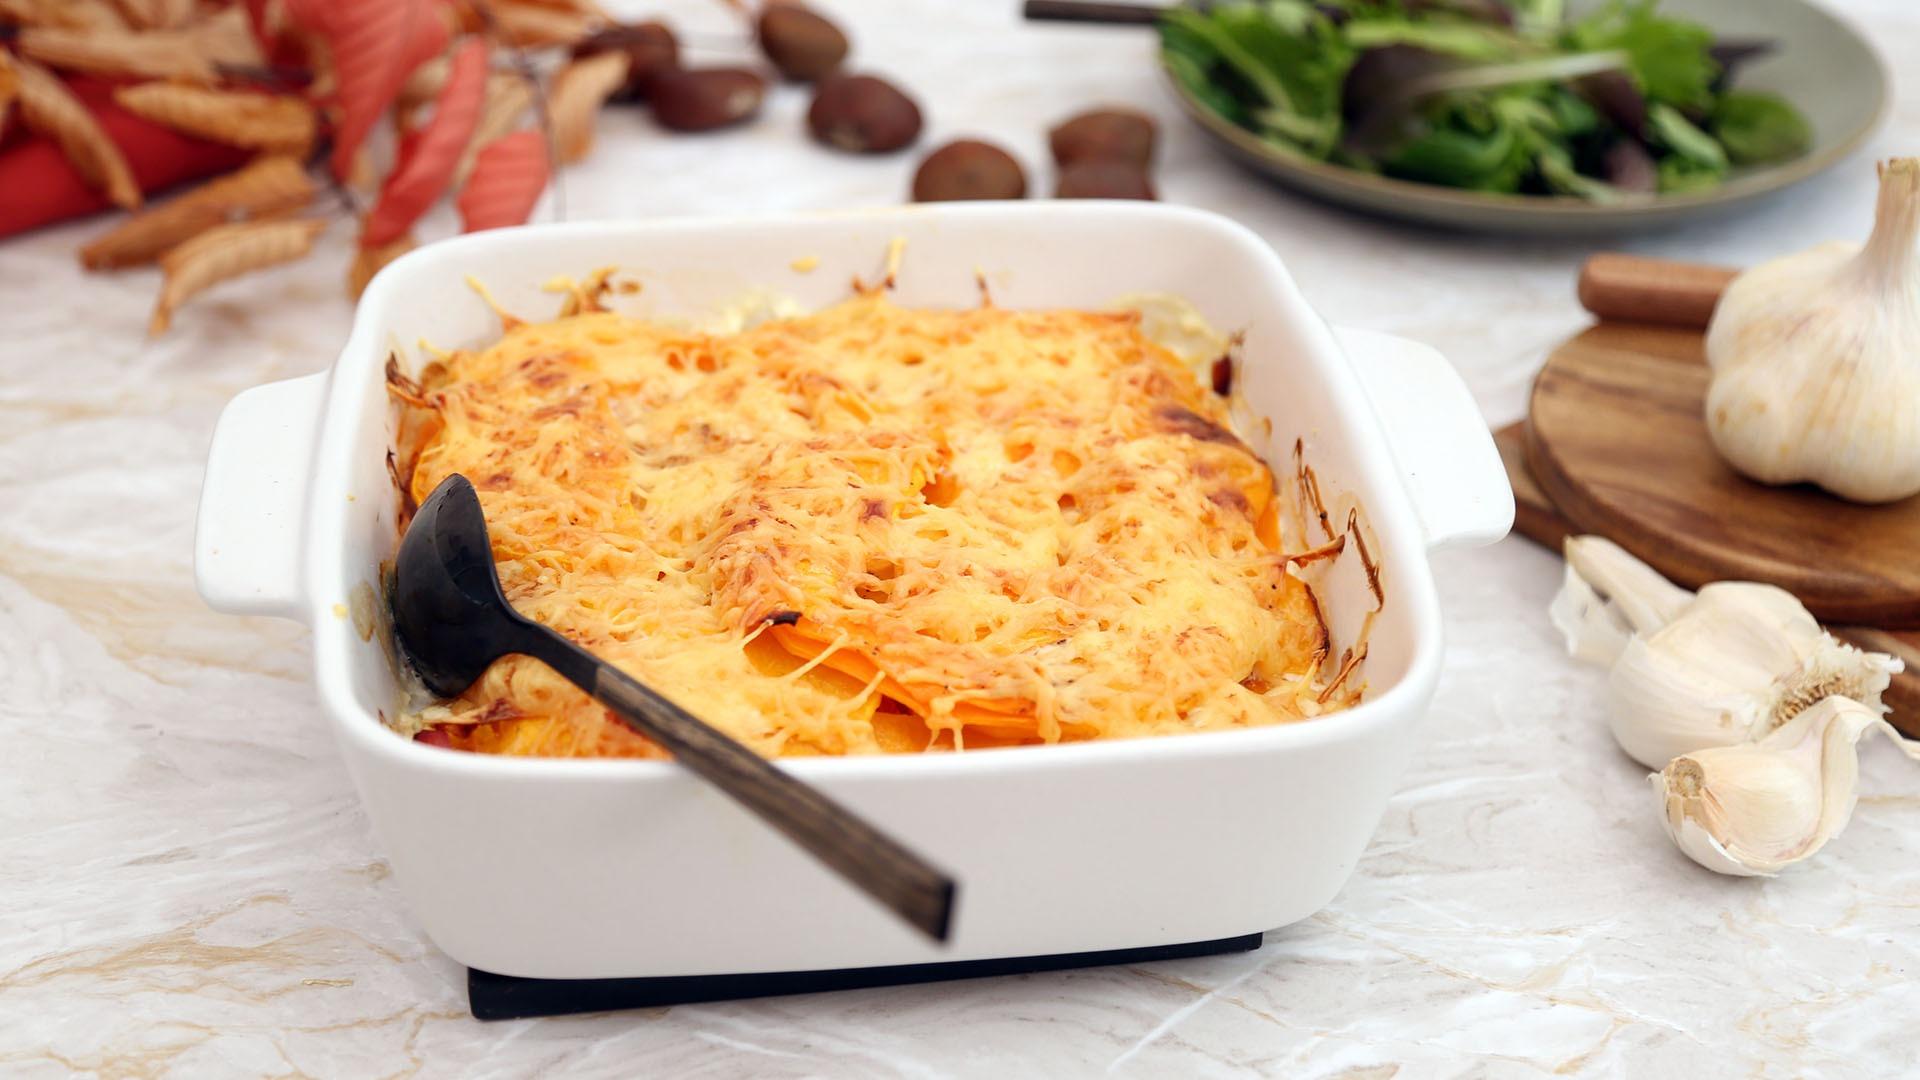 Paso a paso: ¿cómo hacer un gratinado de nuez y queso de cabra?